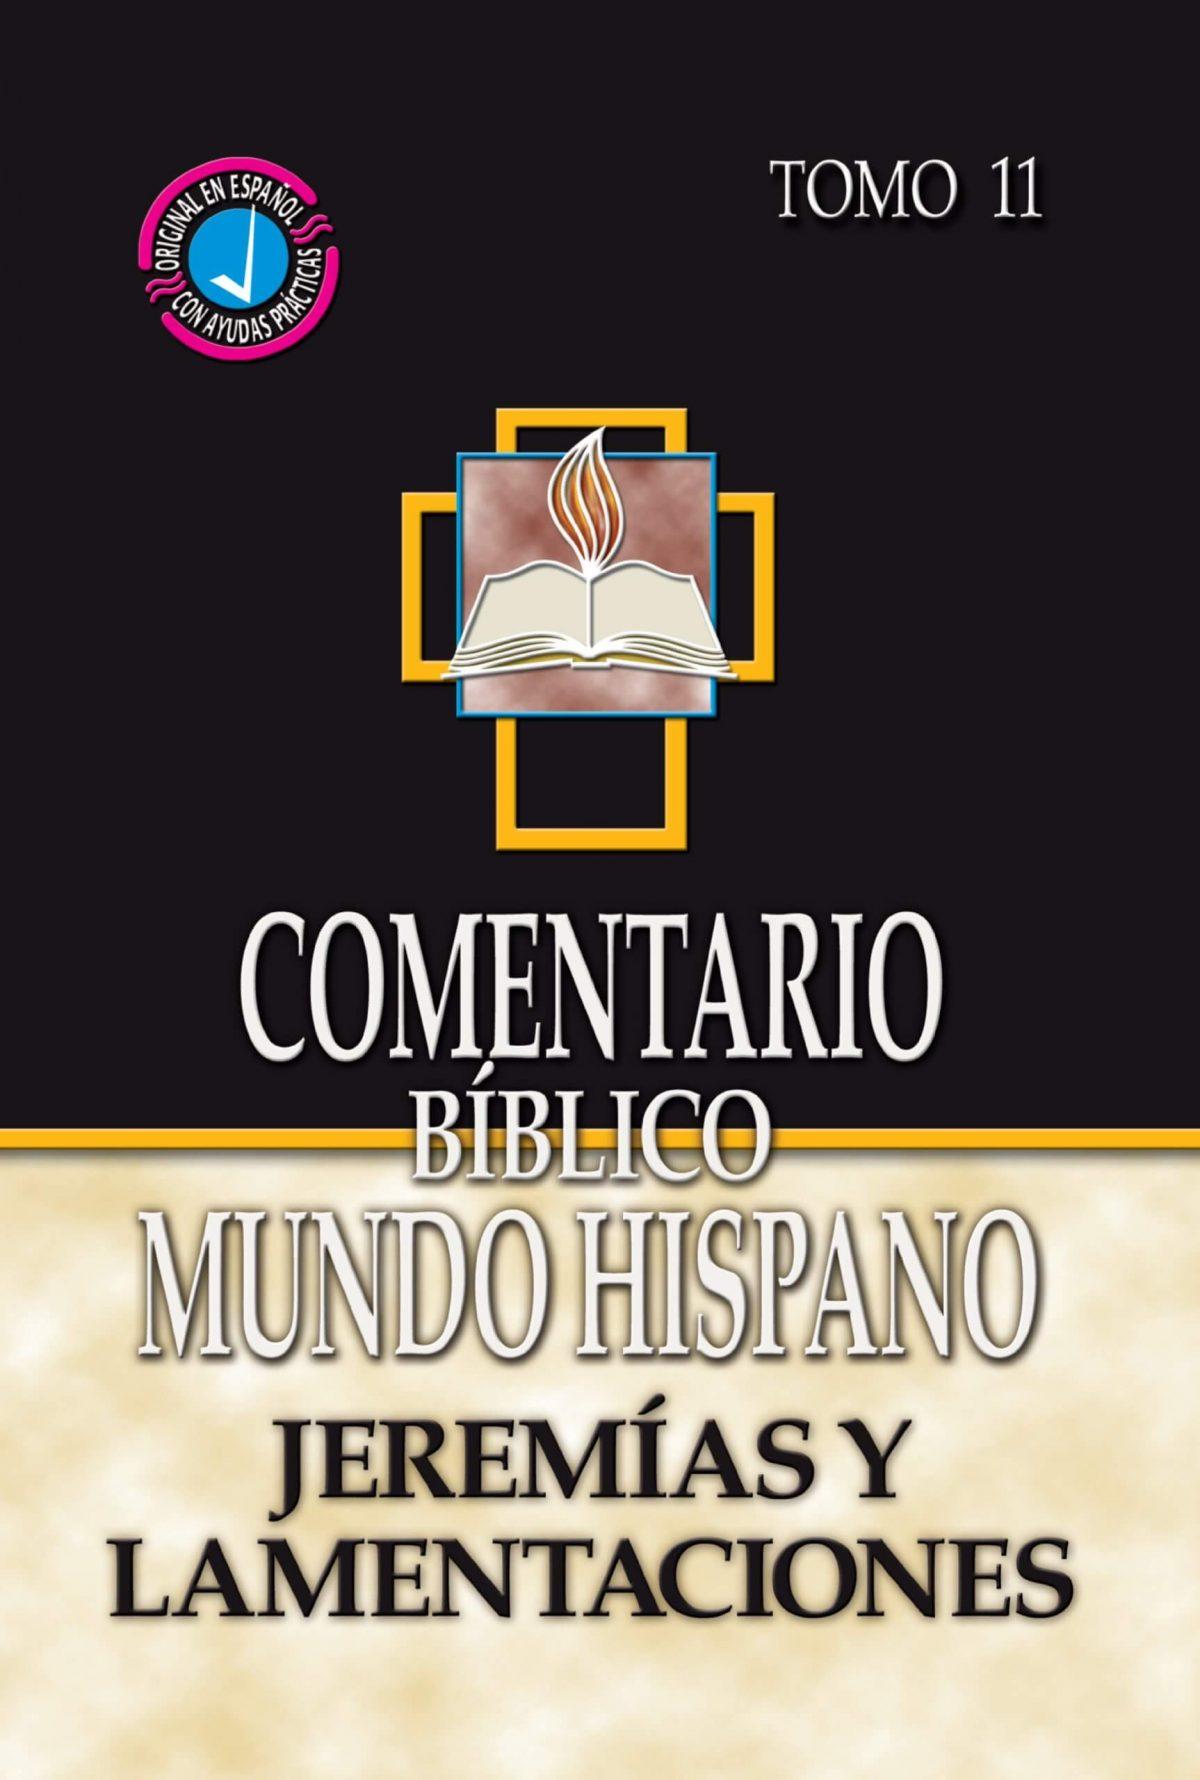 Comentario Bíblico Mundo Hispano - Jeremías y Lamentaciones